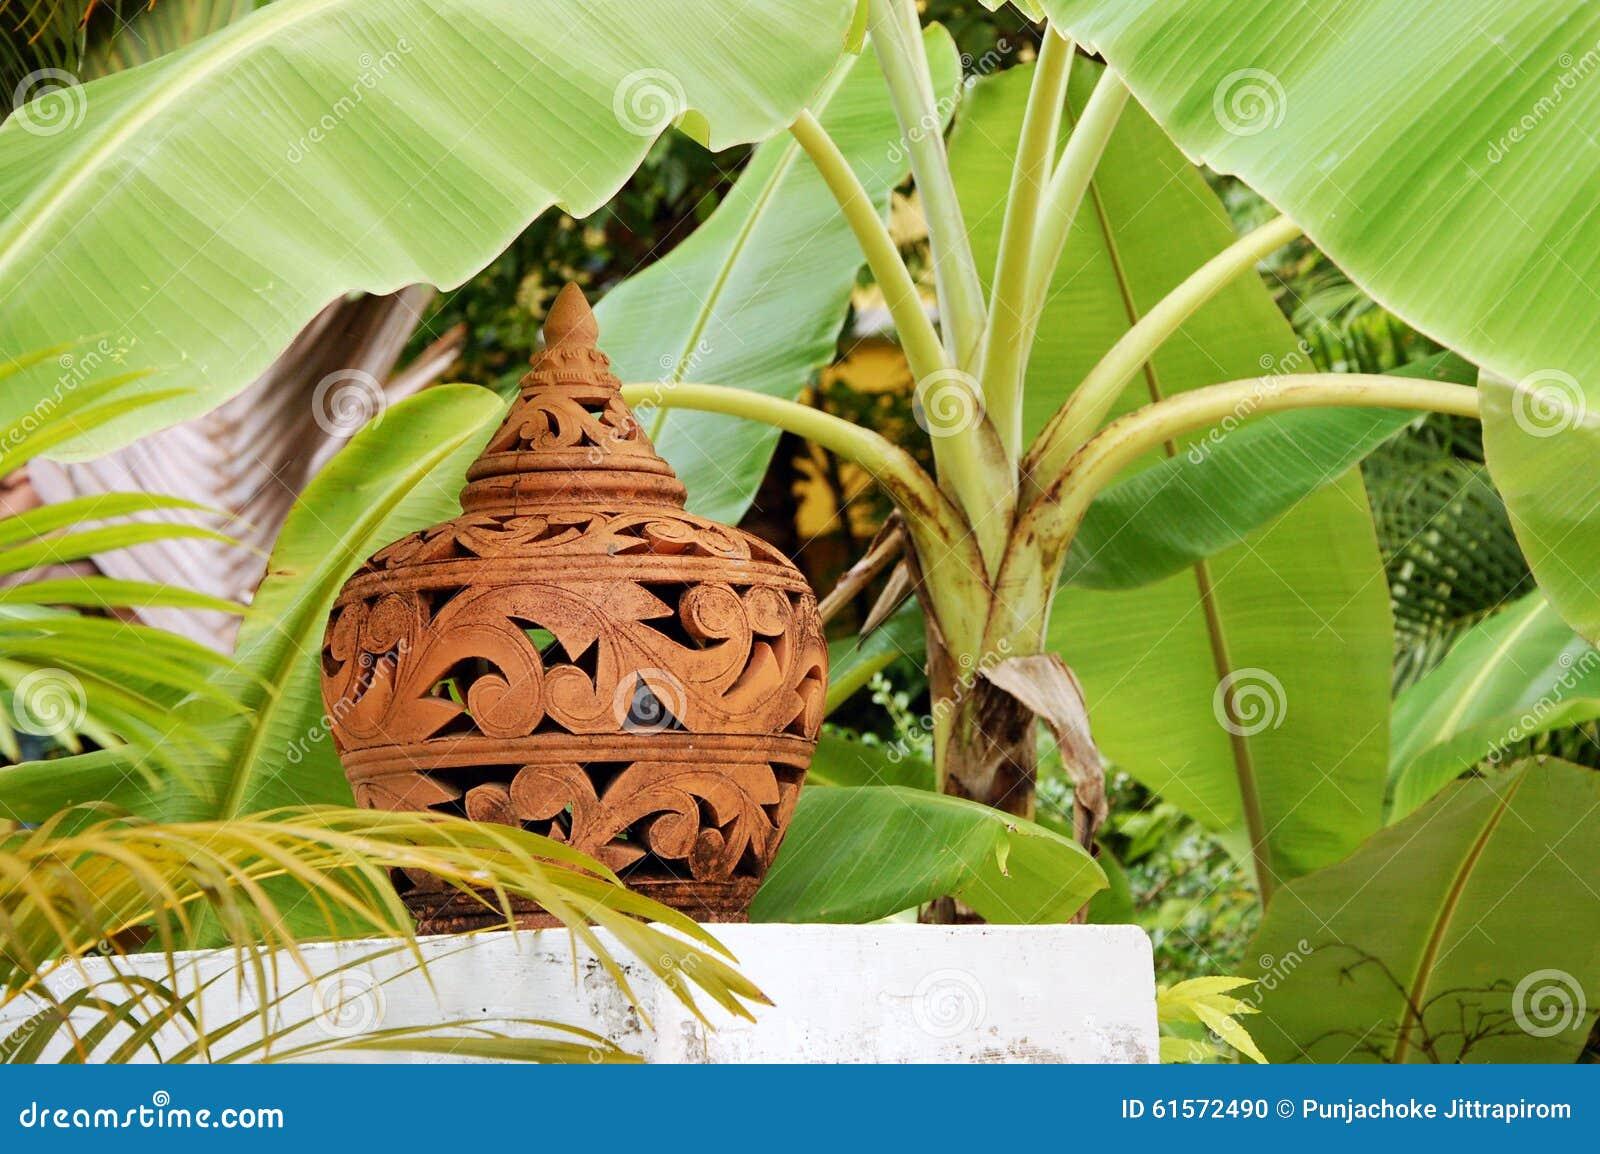 Pantalla de la terracota debajo del árbol de plátano